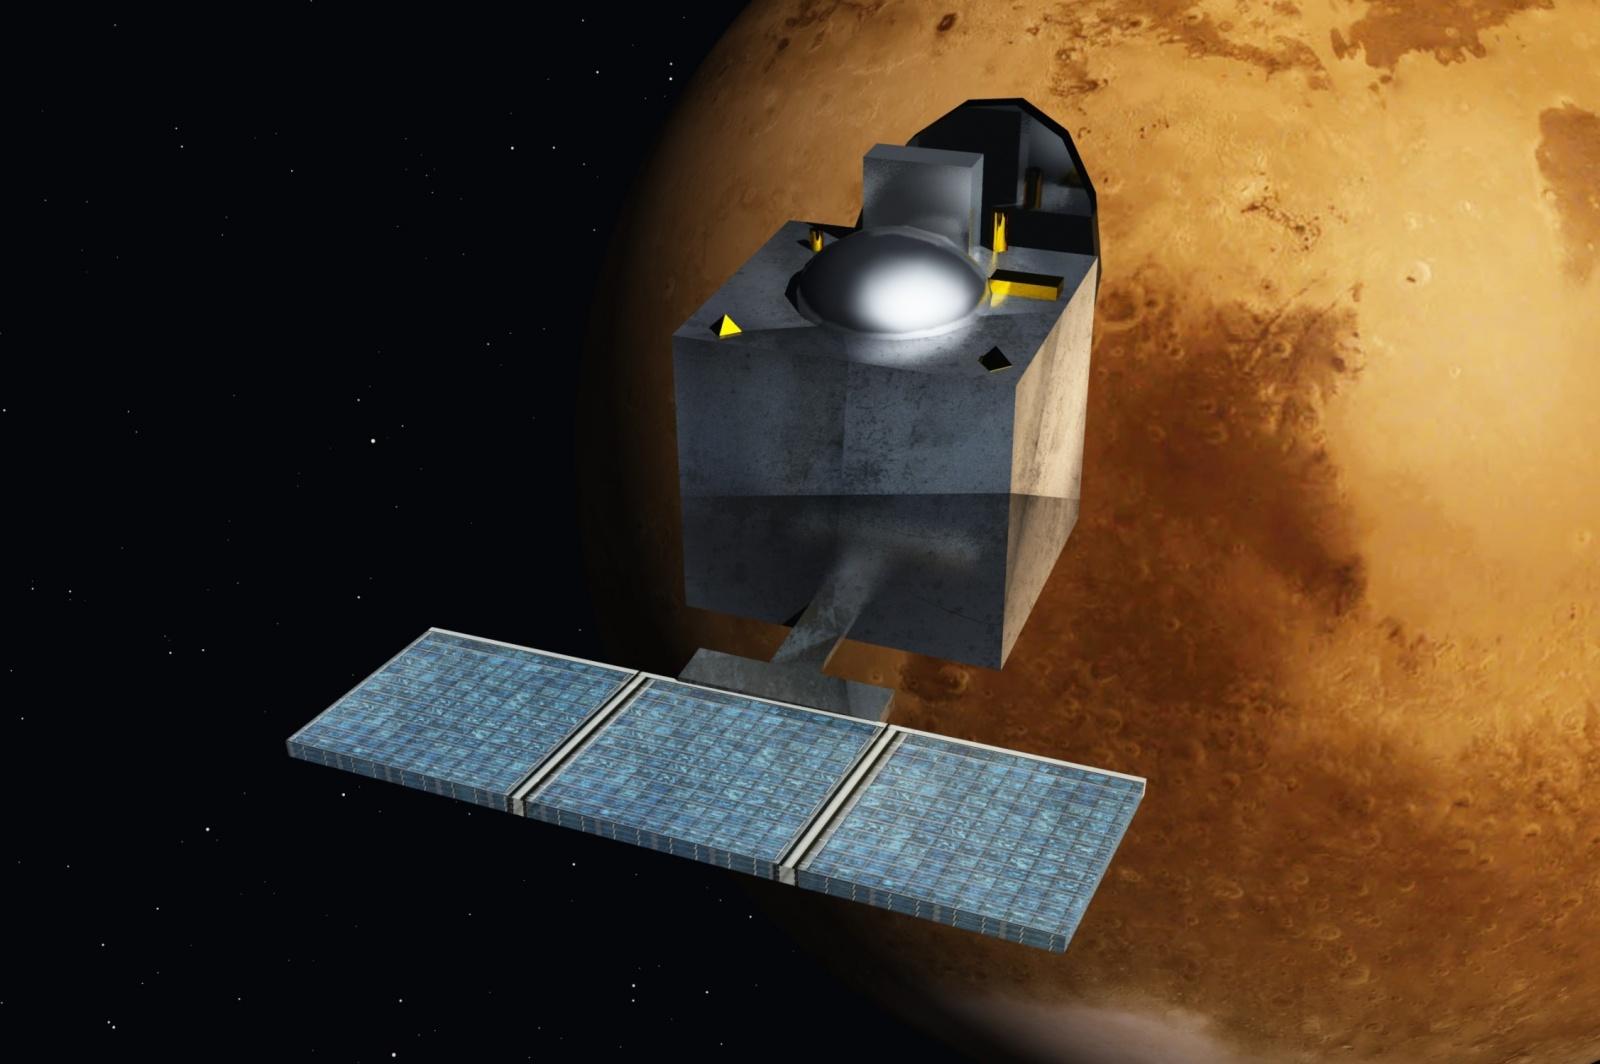 Астрономы пытаются объяснить появление высотных «облаков» на Марсе - 3